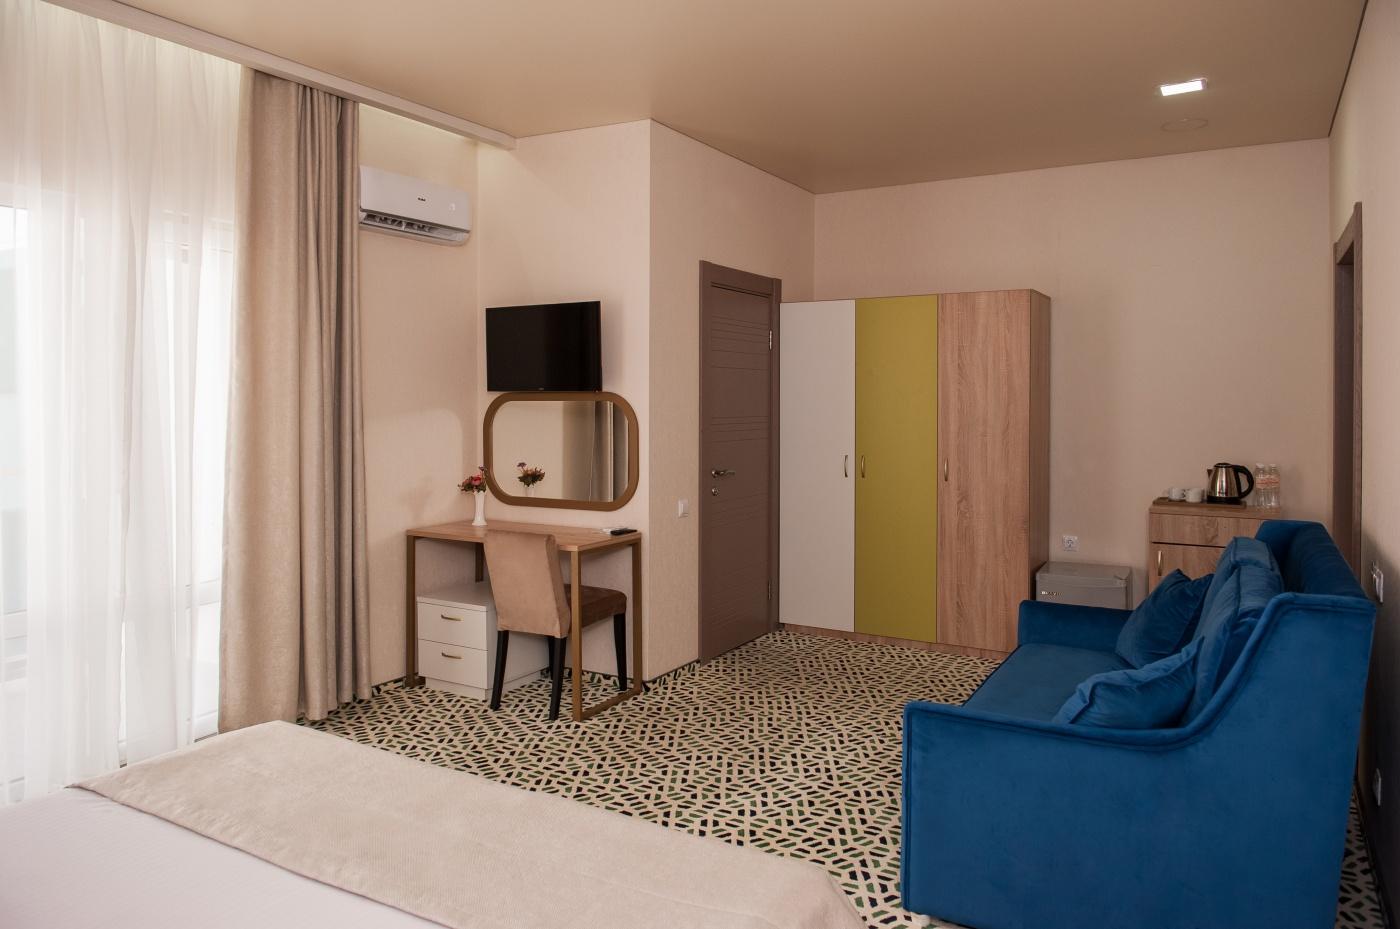 Отель «Aurum Family Resort & Spa» Краснодарский край Standard 2-местный с доп. местом (в коттедже), фото 3